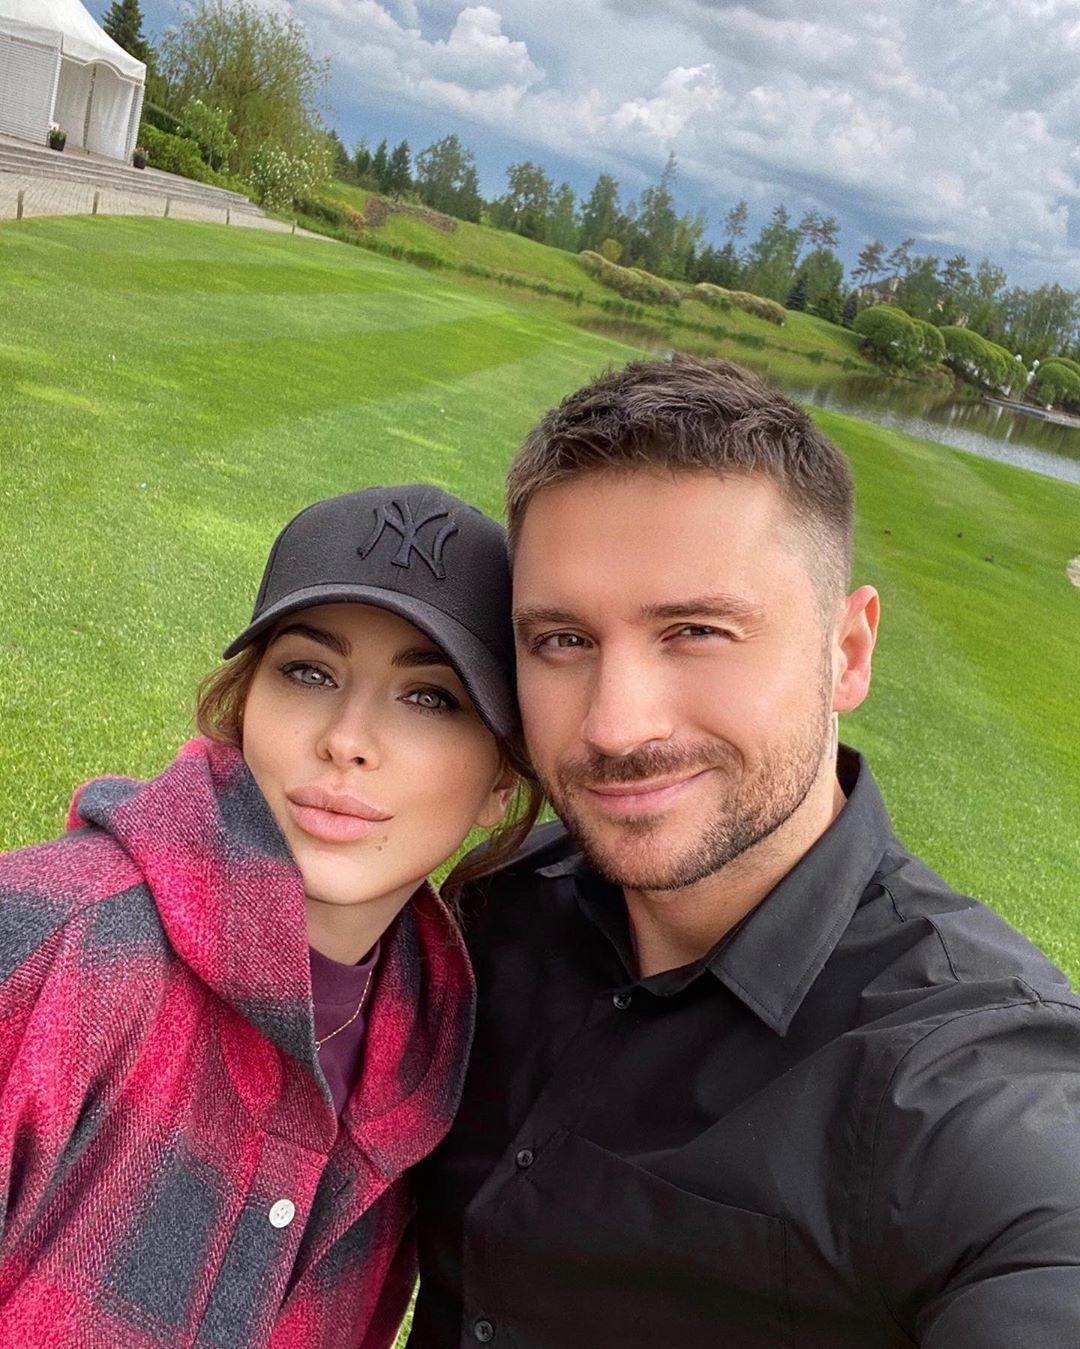 Ани Лорак опубликовала новый снимок в компании Сергея Лазарева / Instagram Ани Лорак